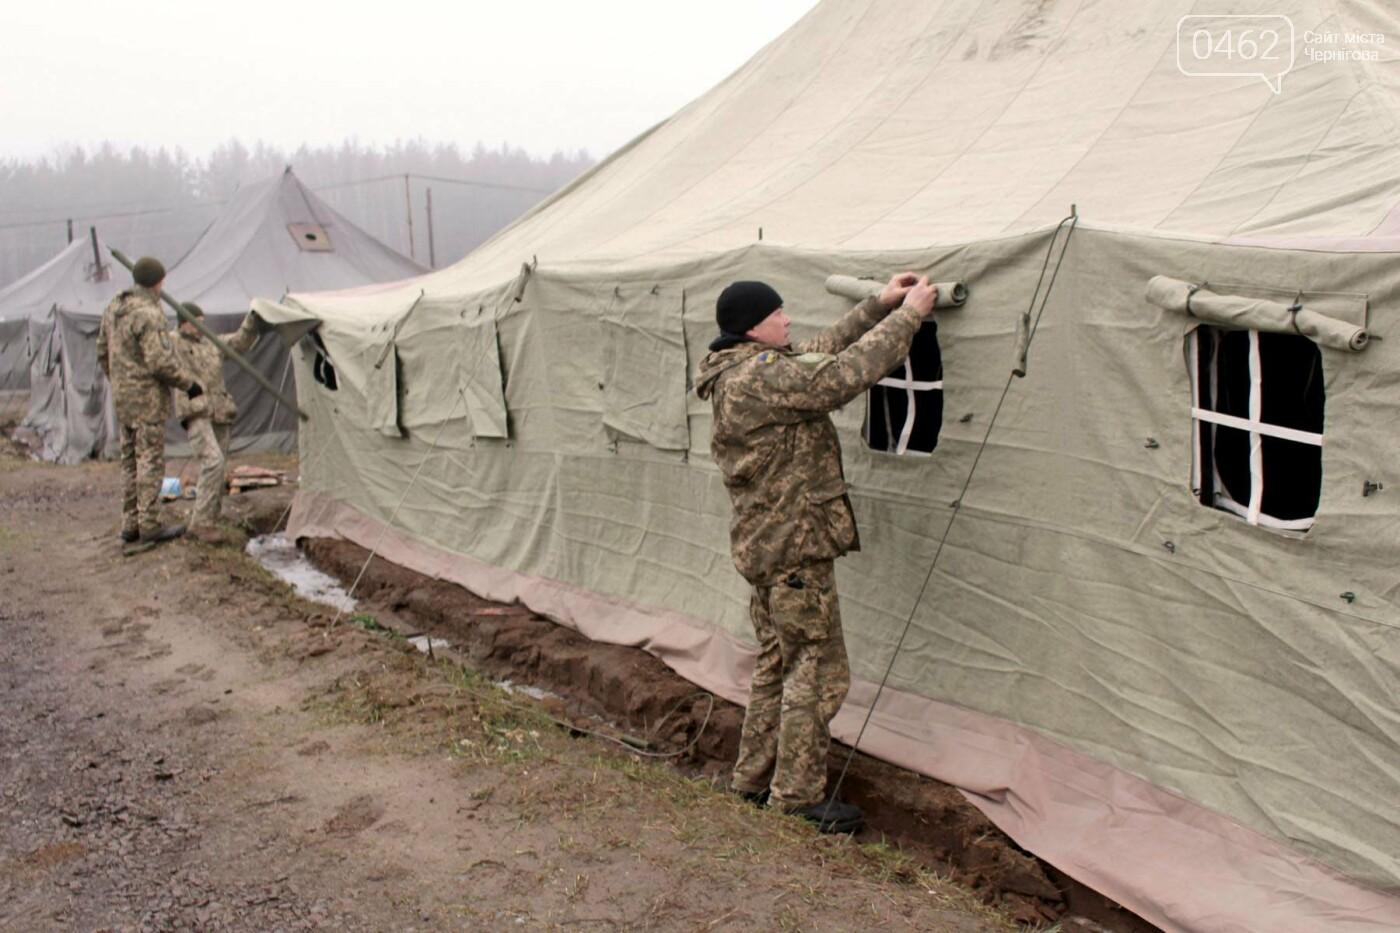 Полигон в Черниговской области, который ранее раскритиковали за ужасные условия, привели в порядок, фото-2